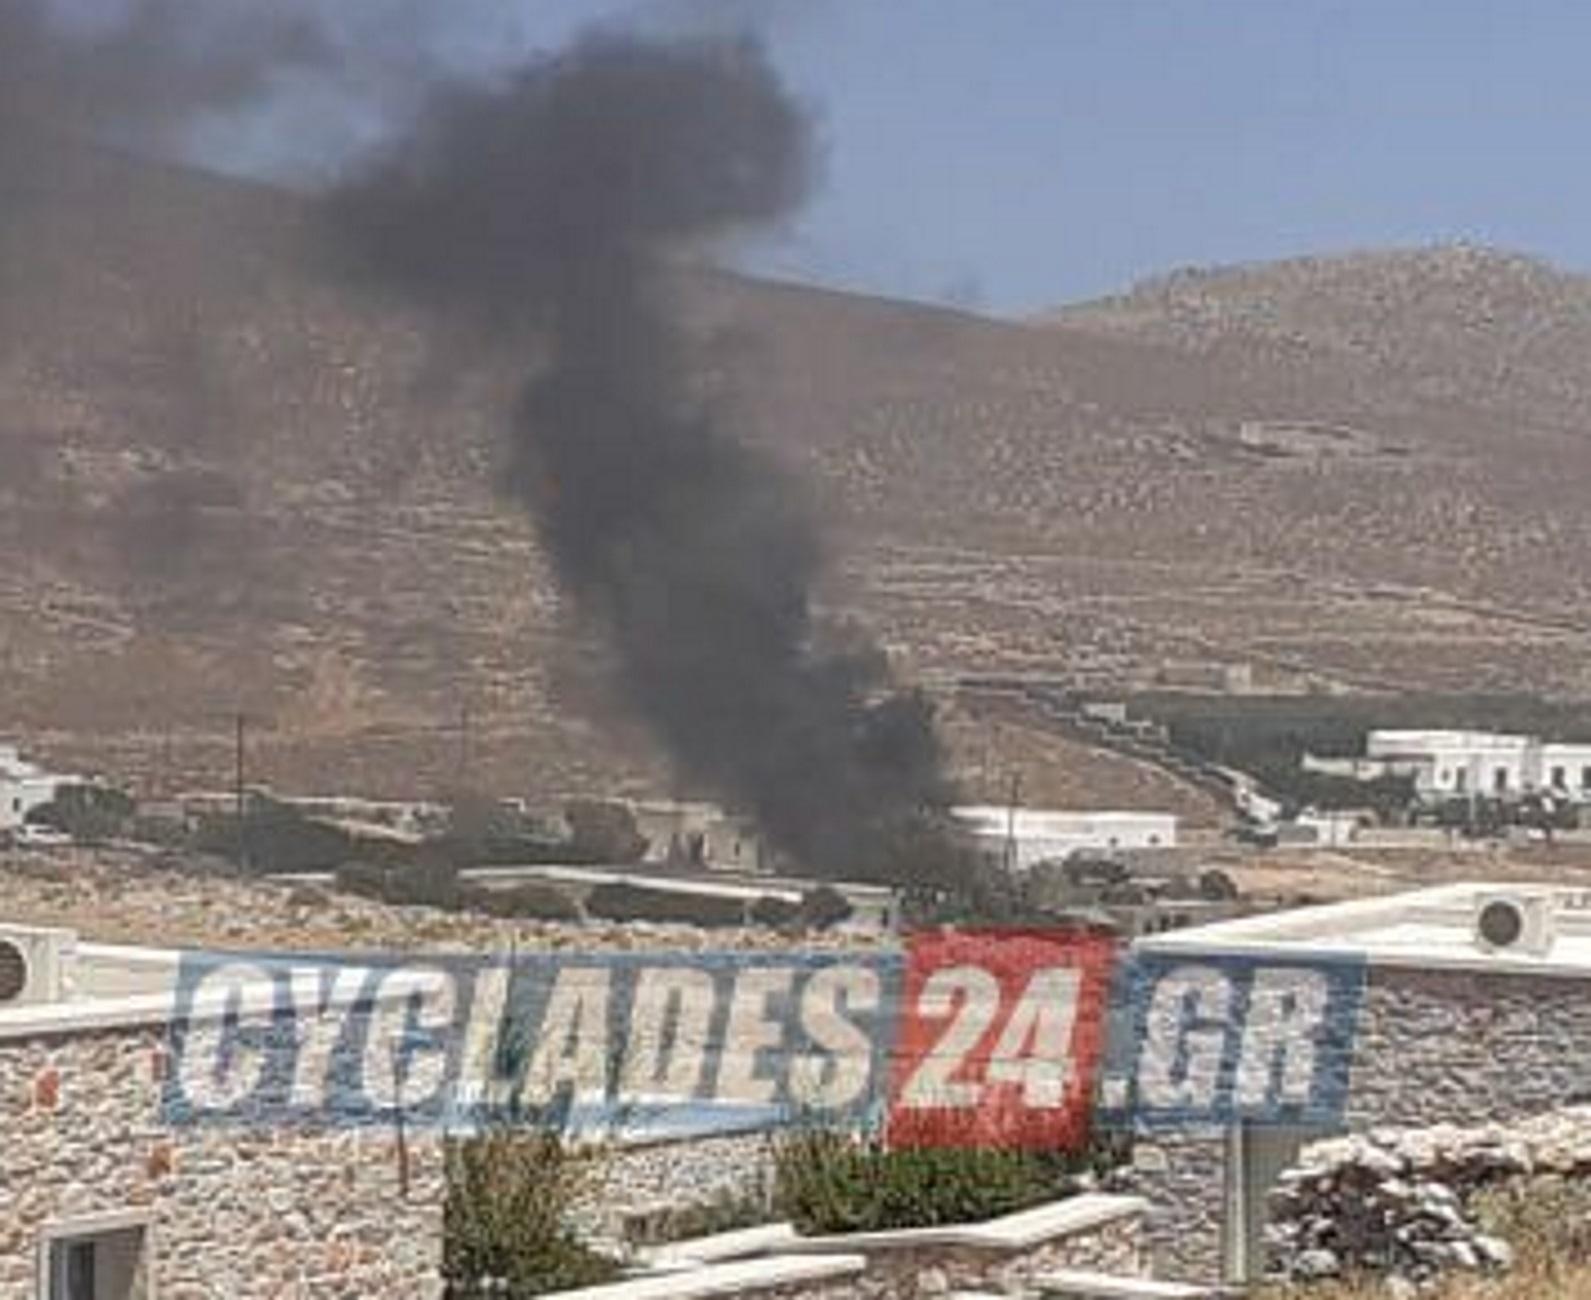 Φολέγανδρος: Φωτιά που ξέφυγε από συνεργείο – Αγώνας πυροσβεστών να την θέσουν υπό έλεγχο